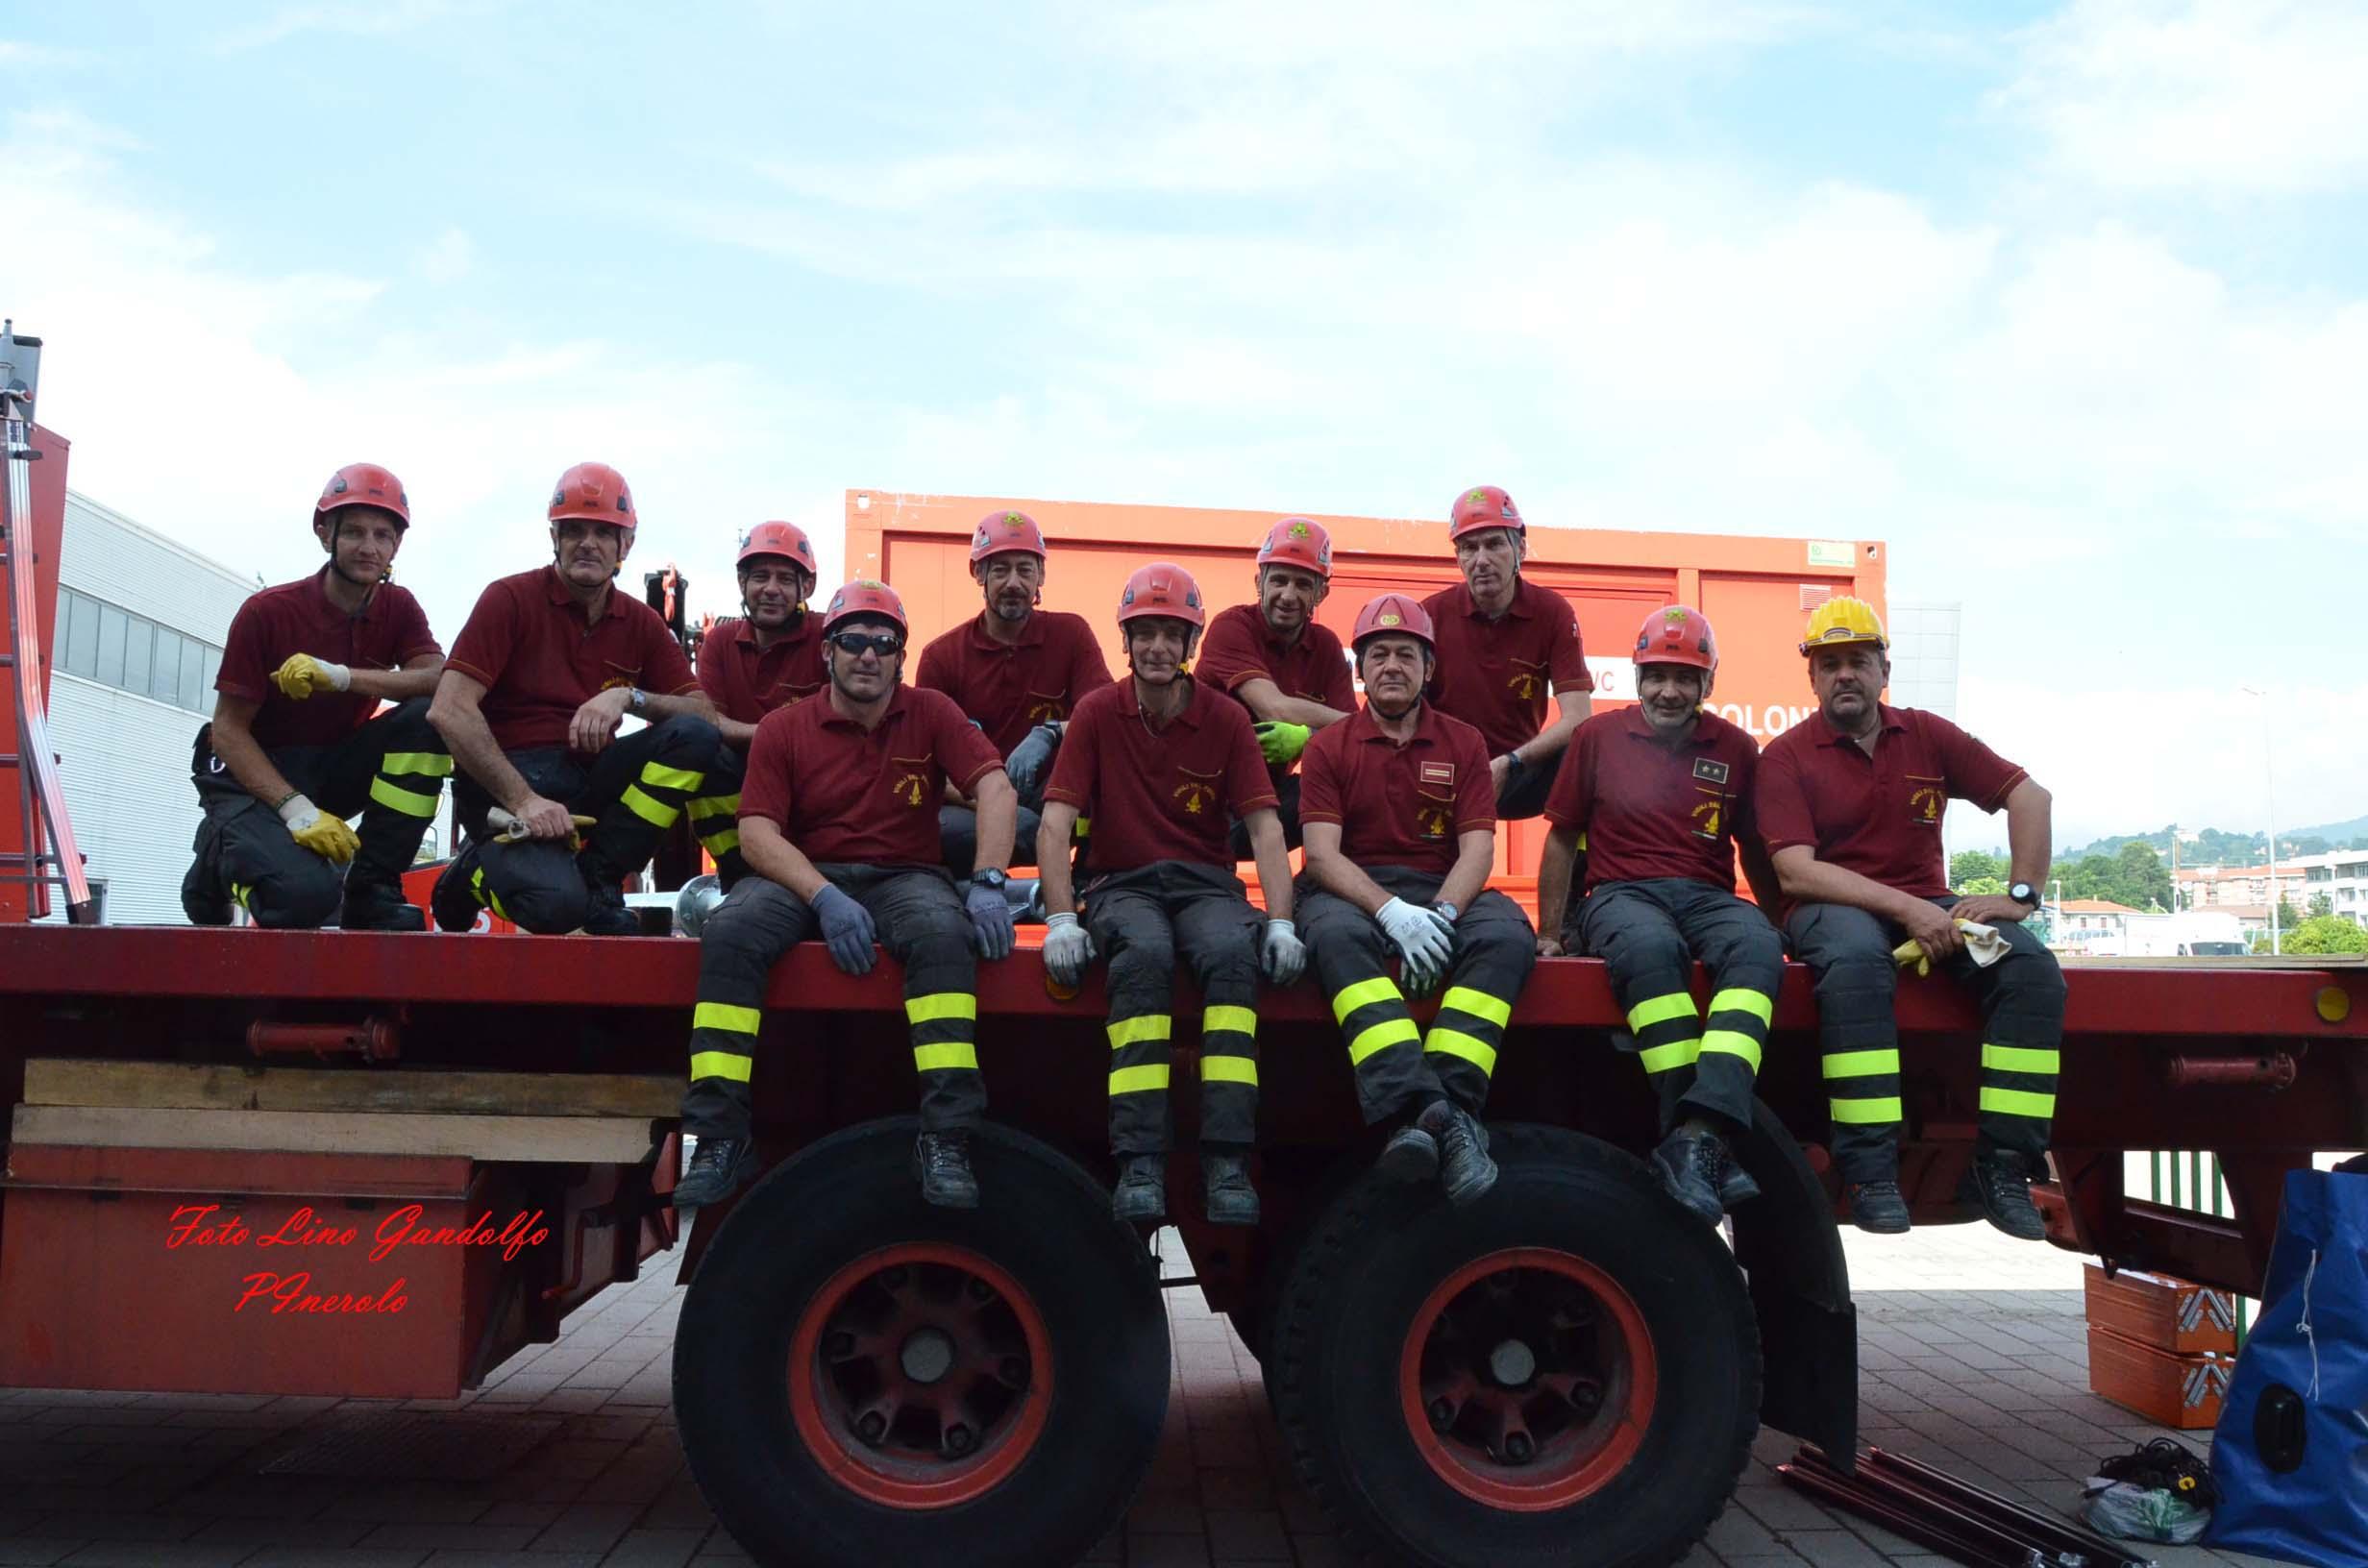 [ photogallery ] Esercitazione di protezione civile antisismica a Pinerolo